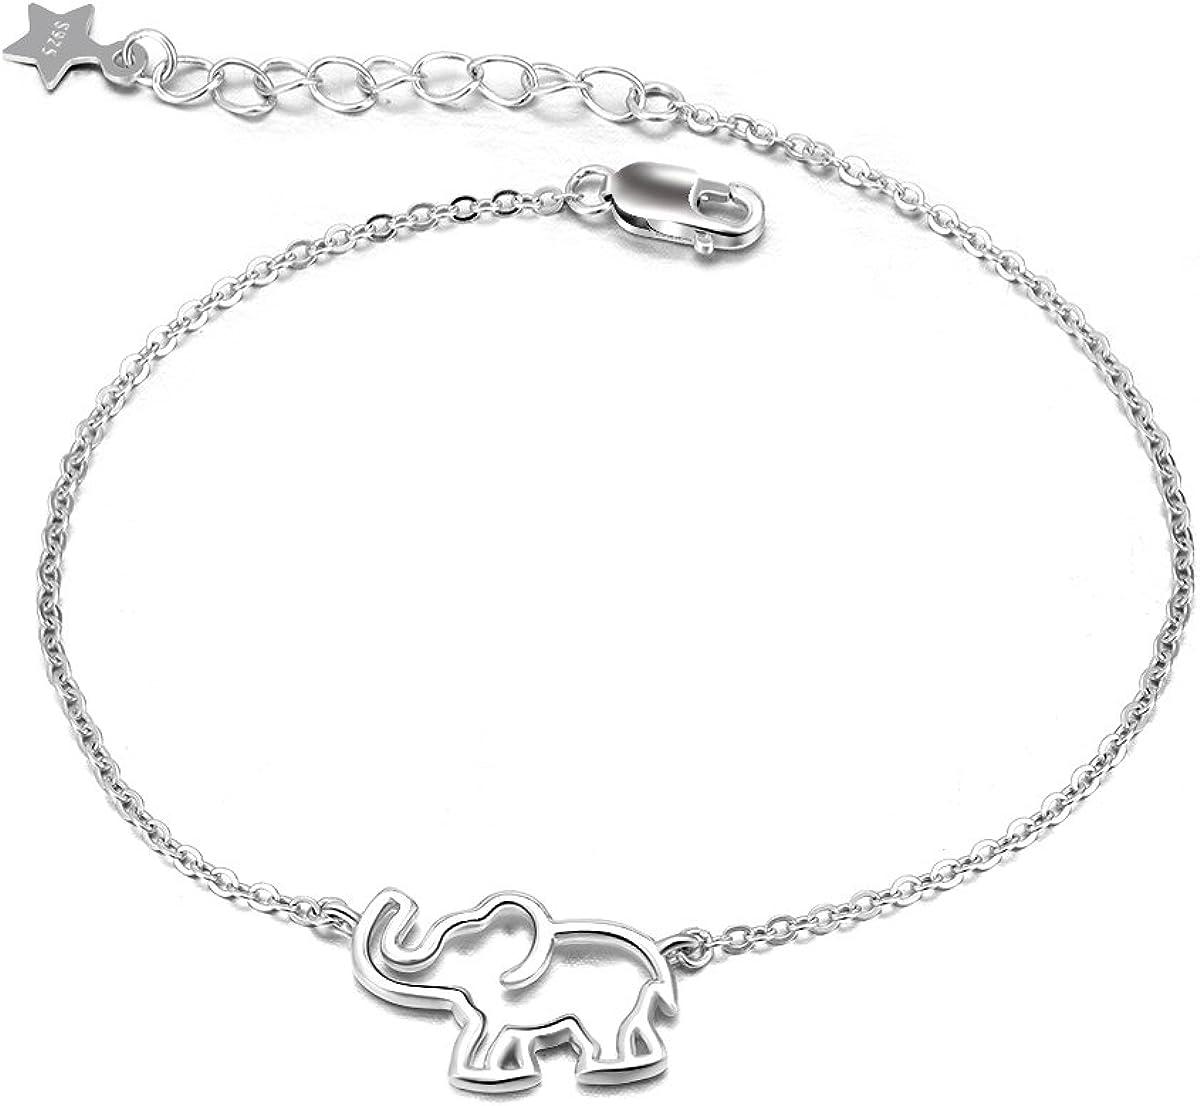 Pulsera de elefante de plata de ley con cadena de elefante de la suerte, ajustable para mujeres y niñas